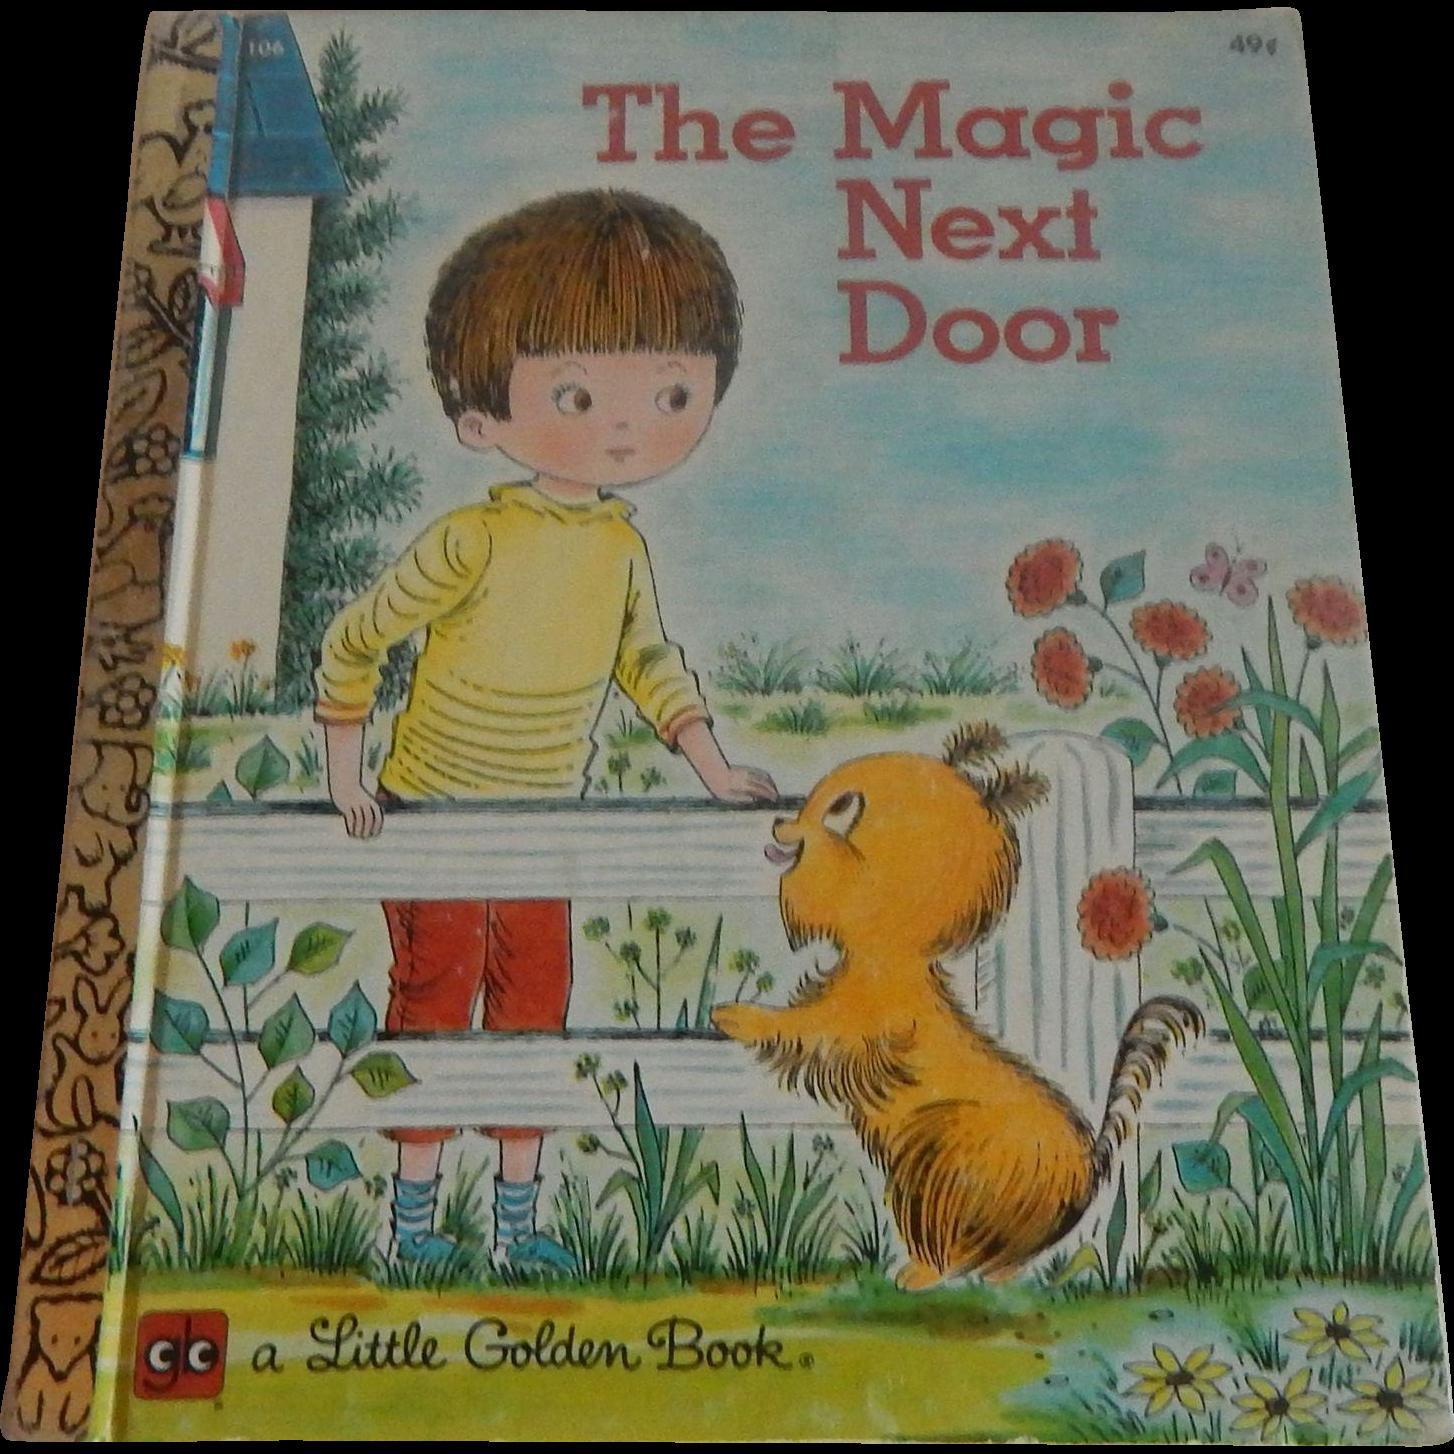 Little Golden Book The Magic Next Door